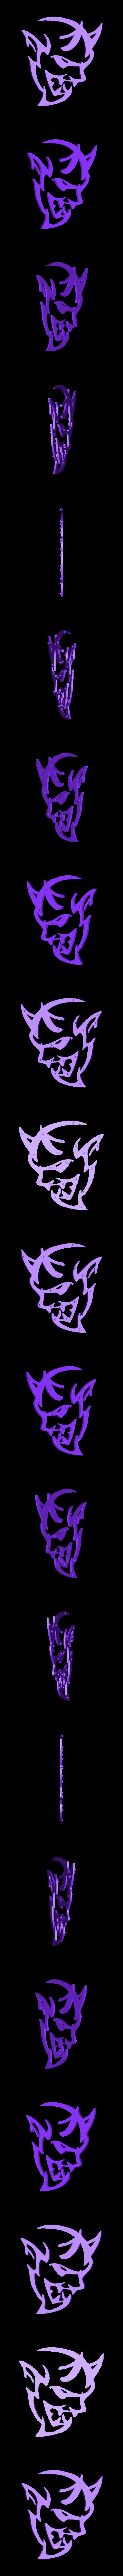 Dodge_Demon.stl Download free STL file Dodge Demon Plaque • 3D printing model, bromego